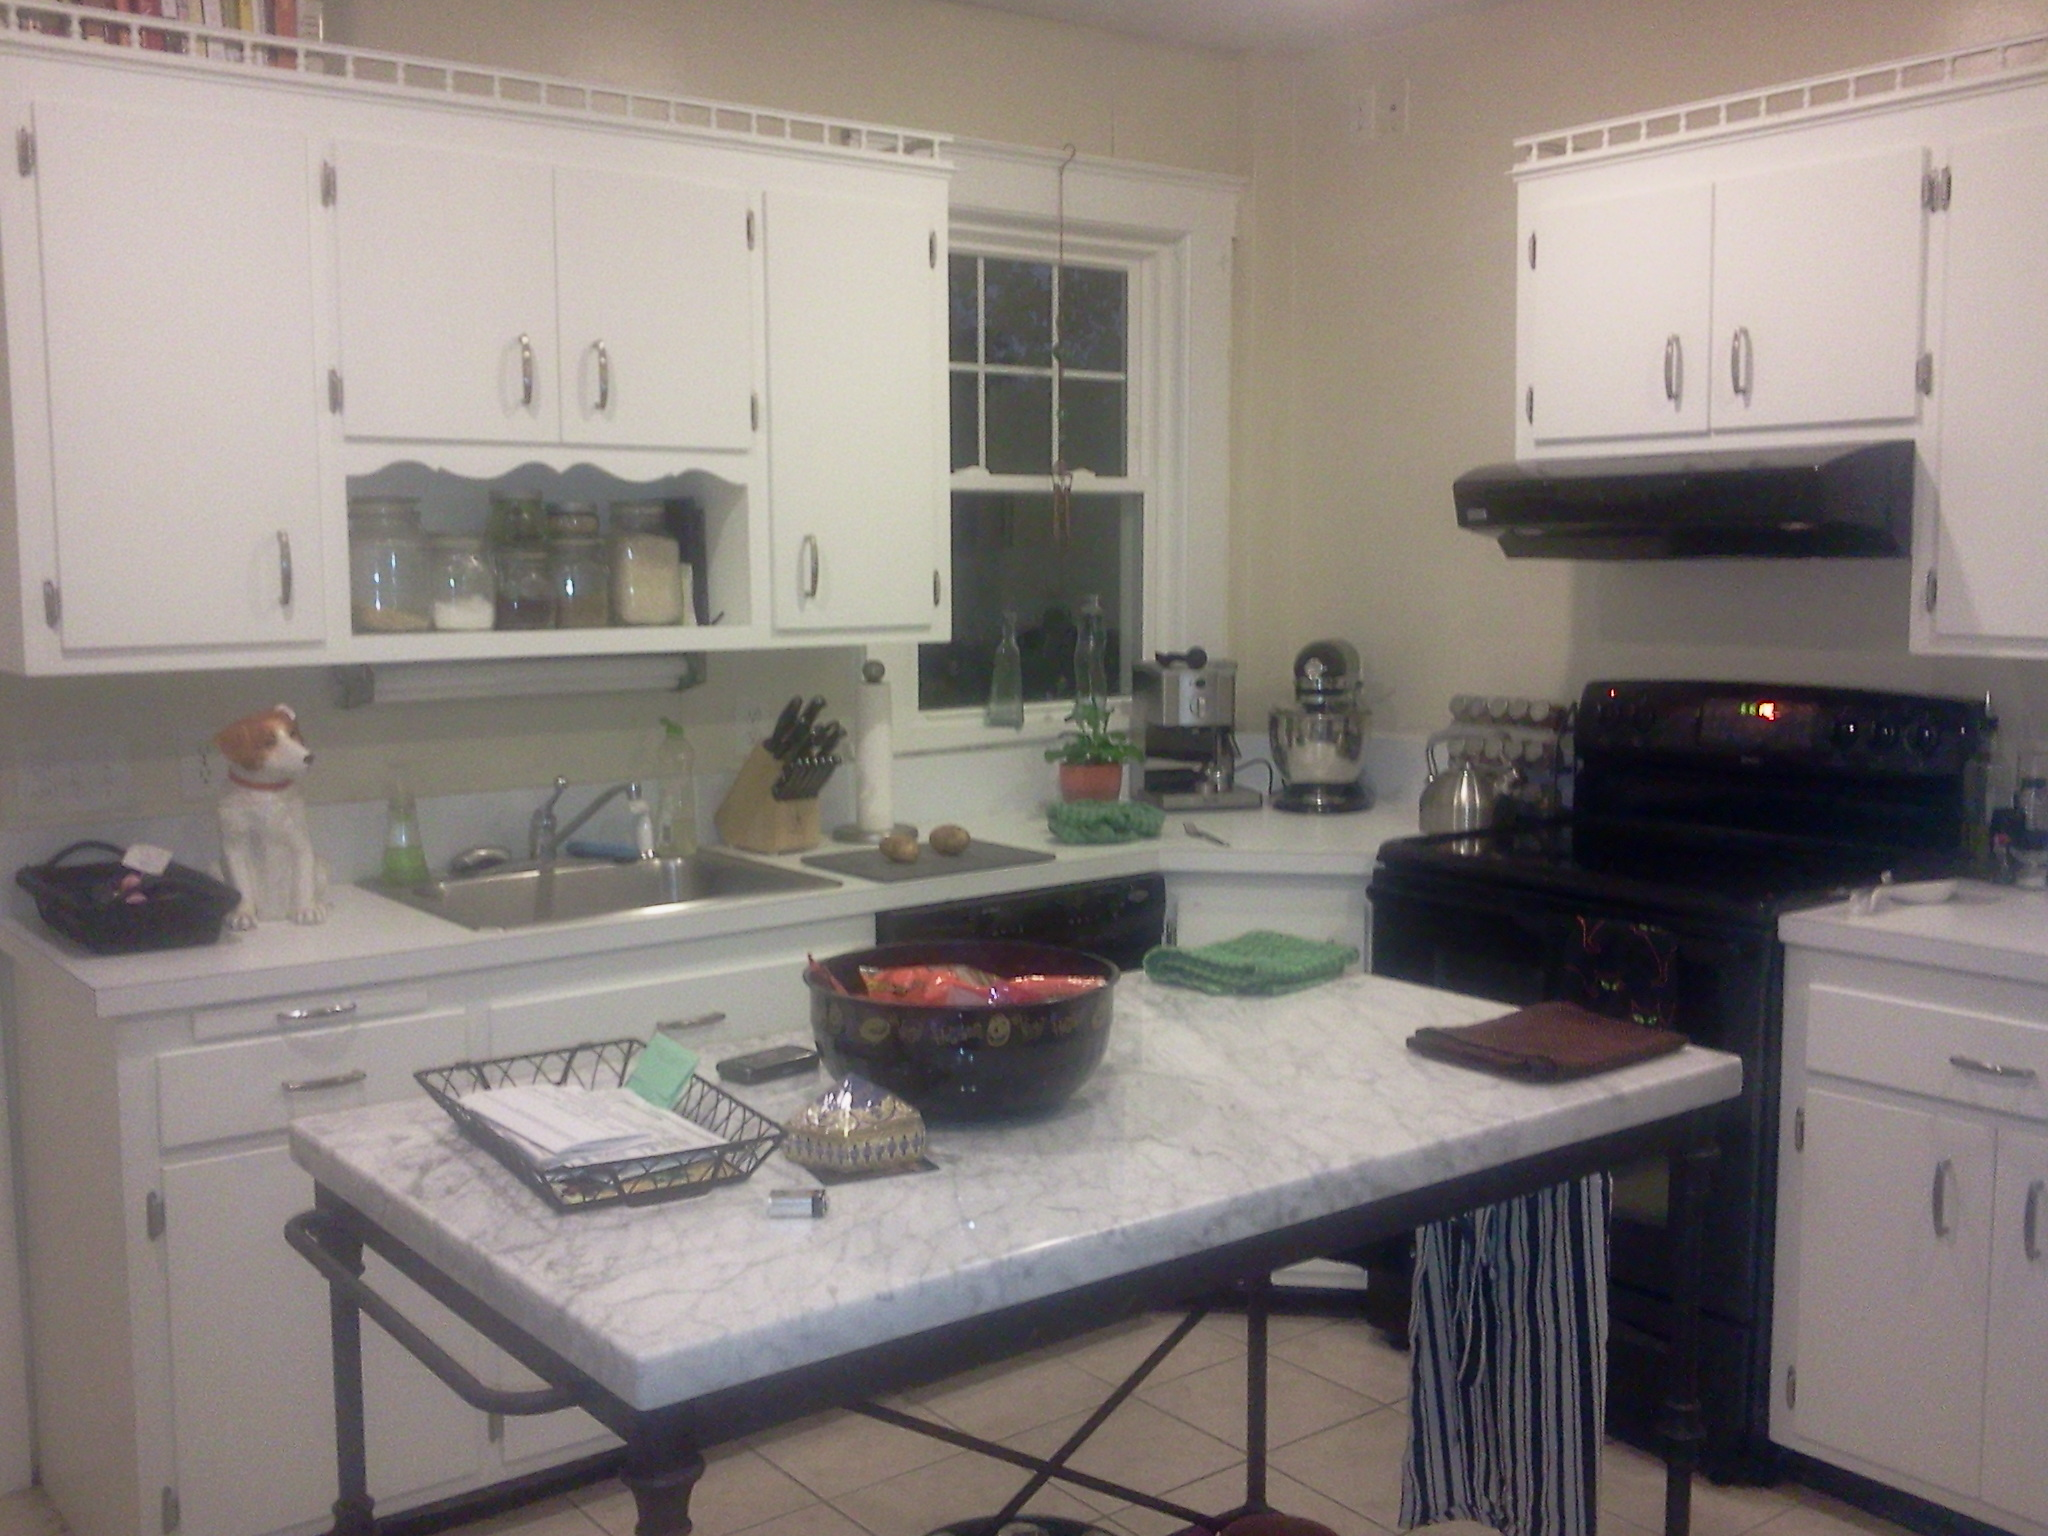 kitchen paint backsplash ideas kitchen painting ideas Kitchen paint backsplash ideas 11 01 18 13 42